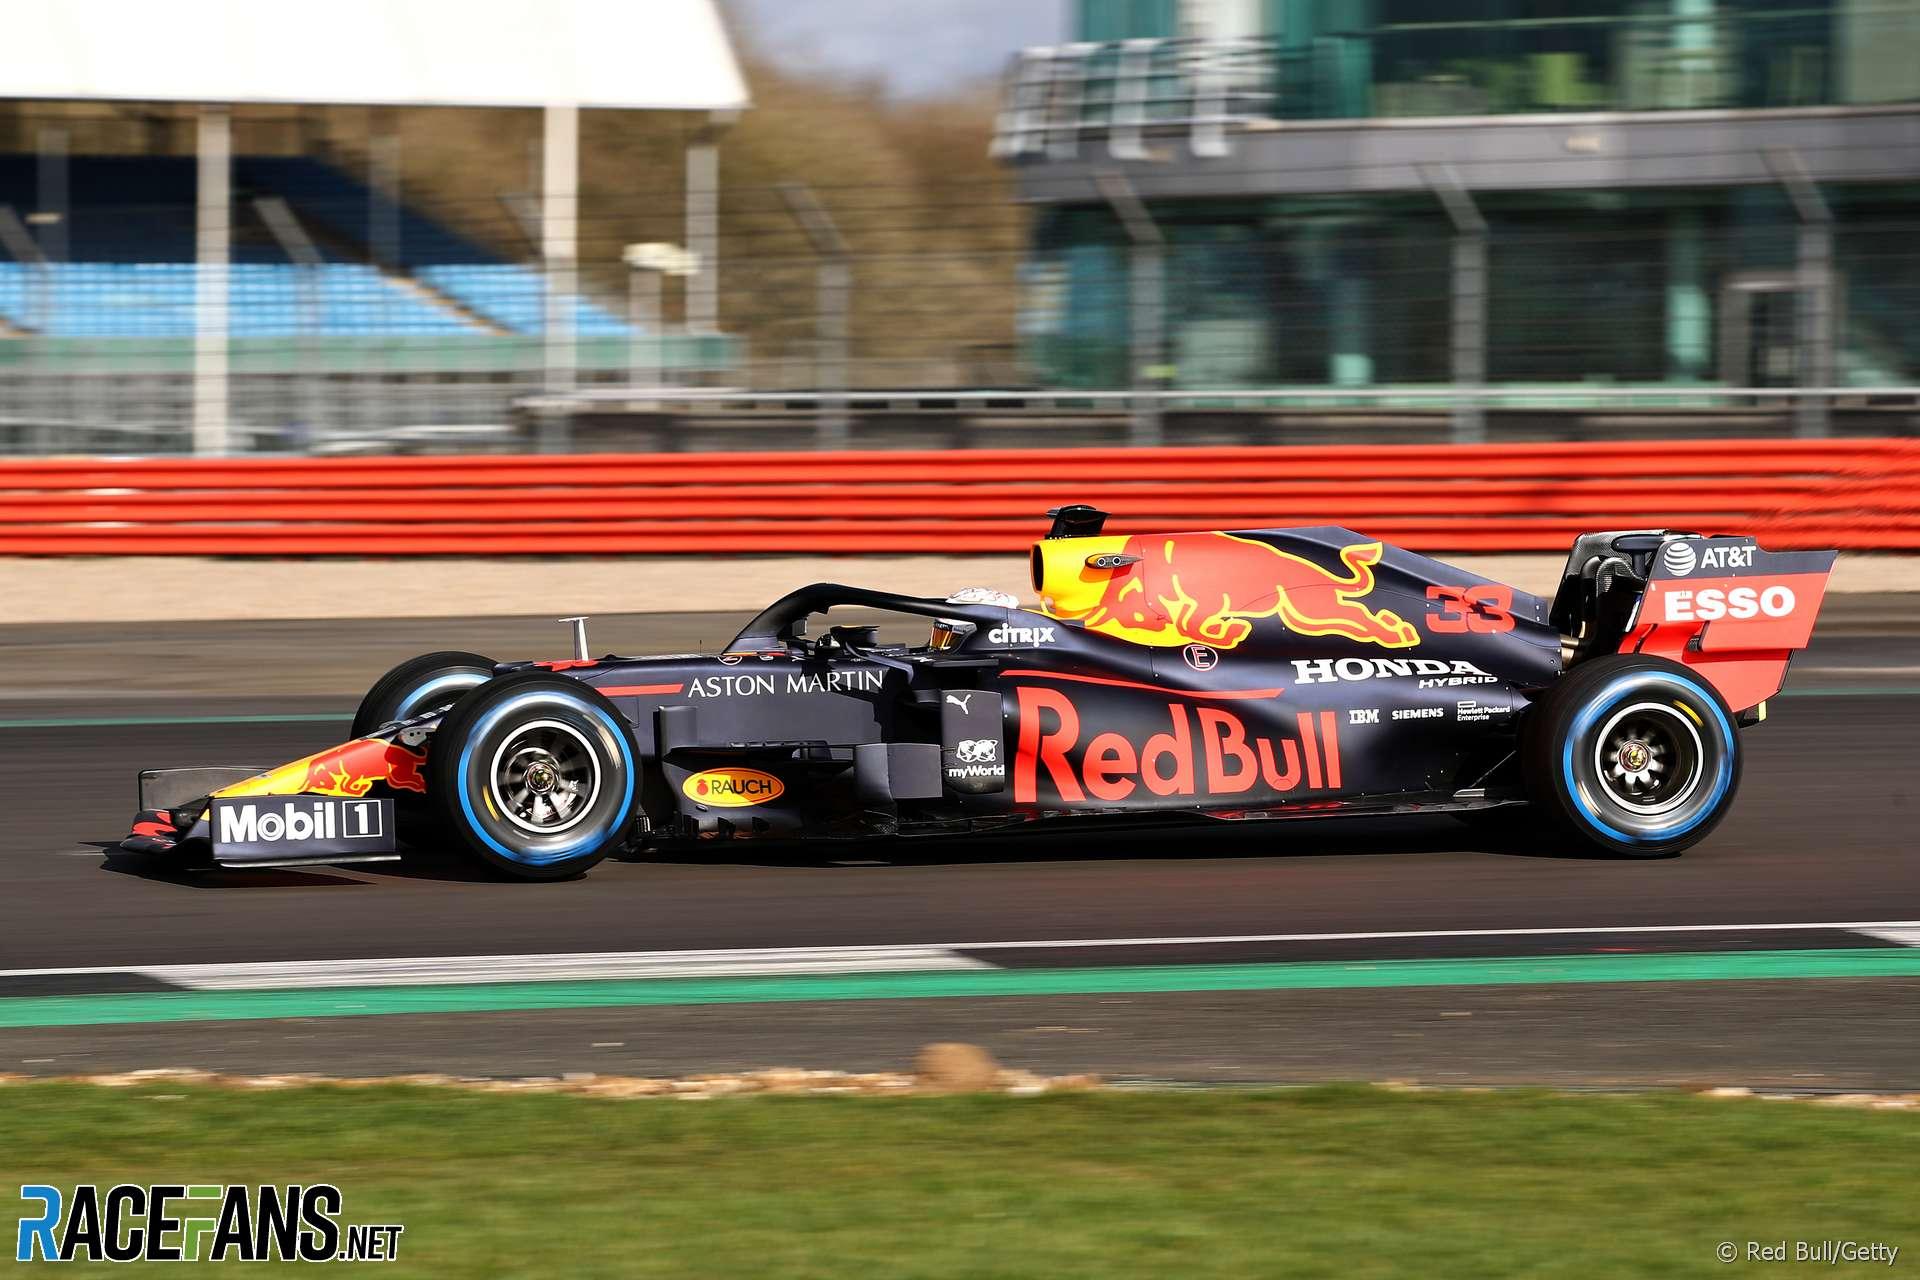 racefansdotnet-20200212-105557-1.jpg